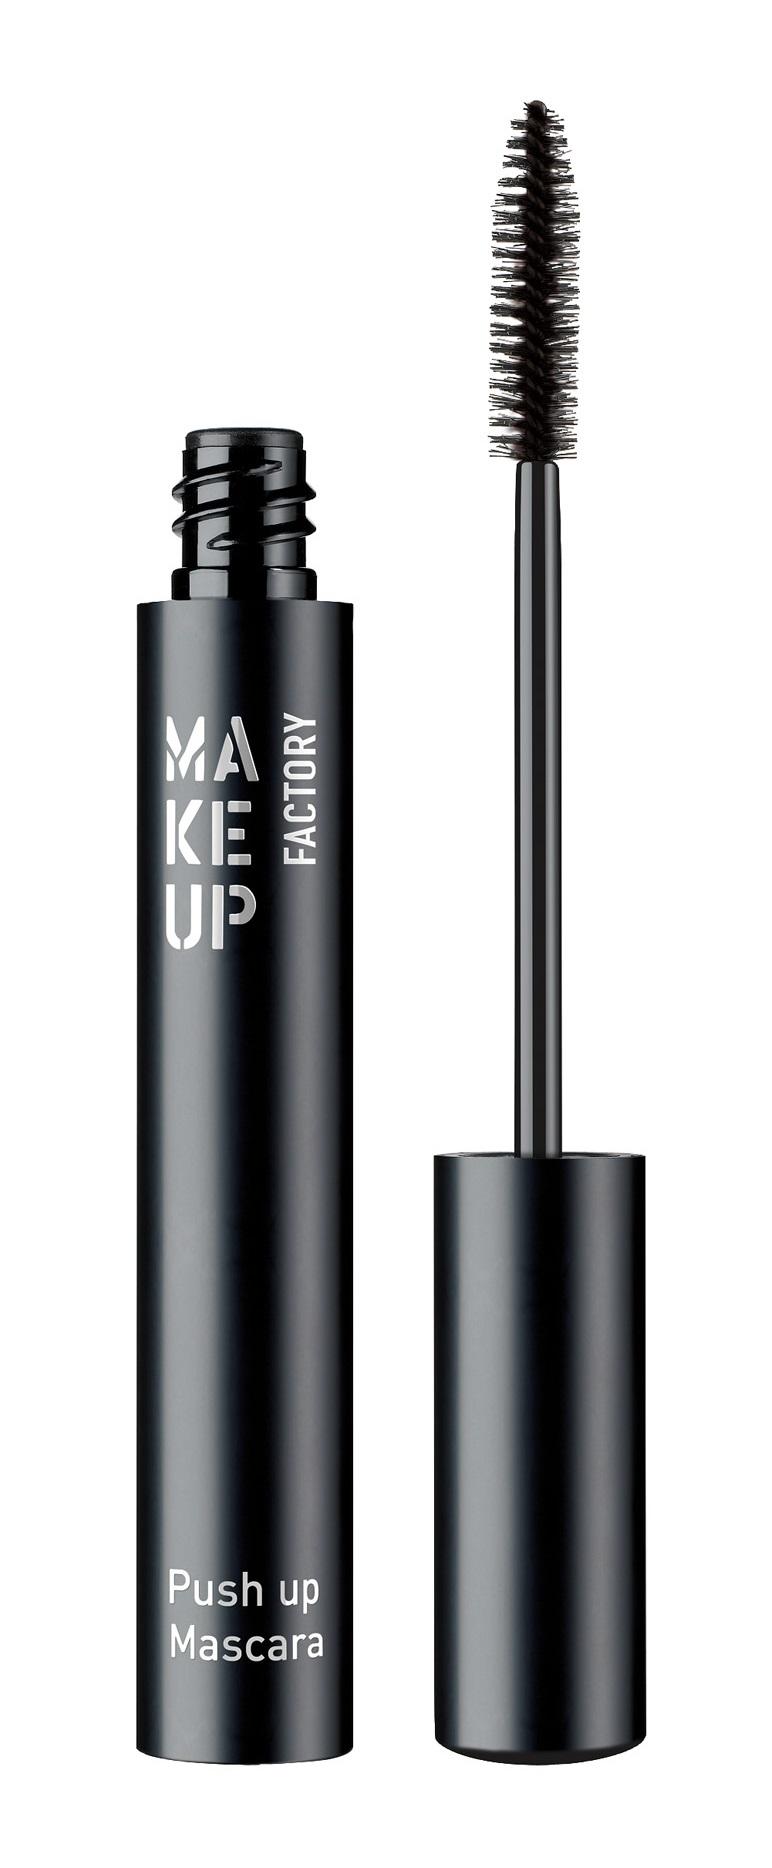 Купить MAKE UP FACTORY Тушь с эффектом увеличения для ресниц, черный / Push Up Mascara, без упаковки 9 мл